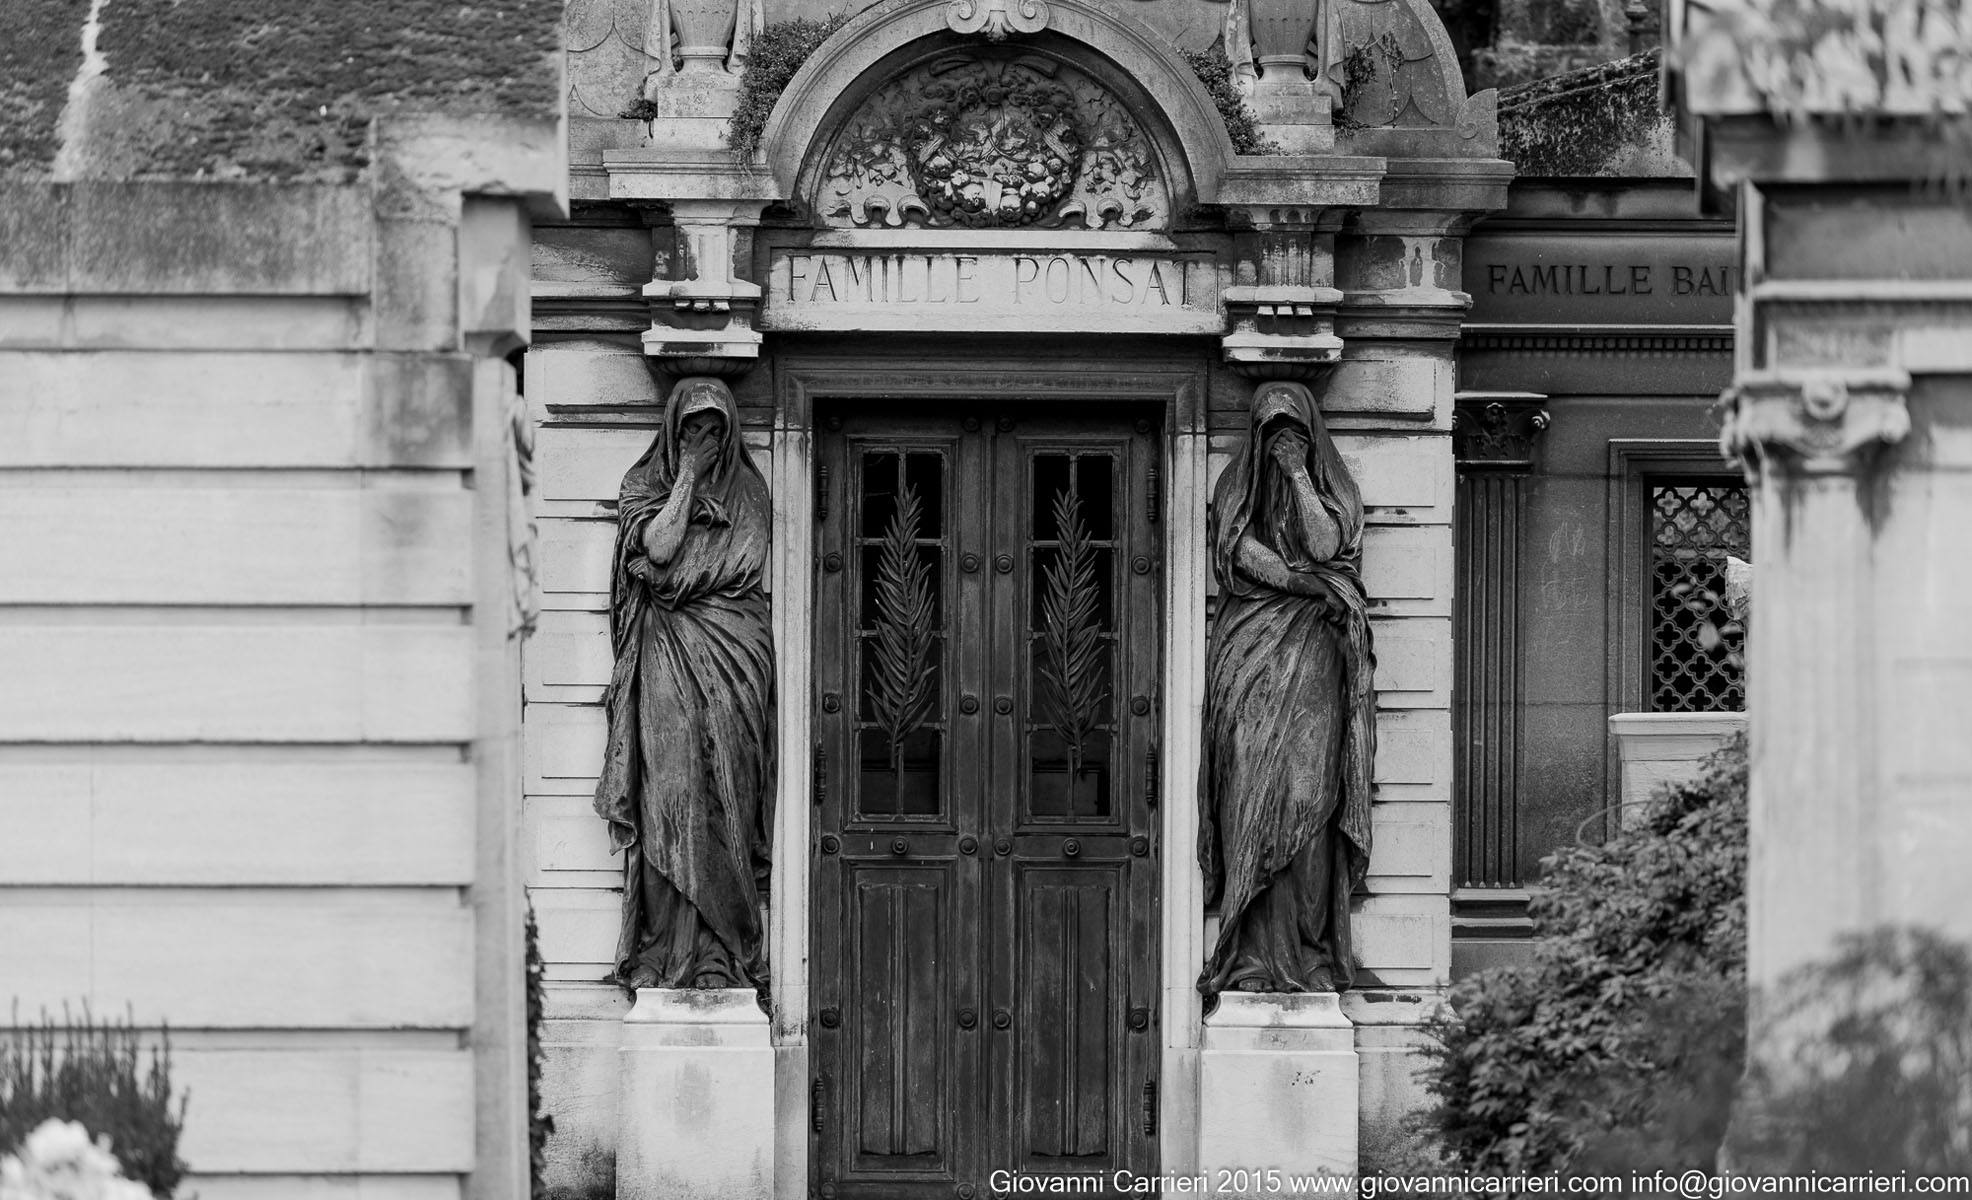 Statue poste all'ingresso della cripta